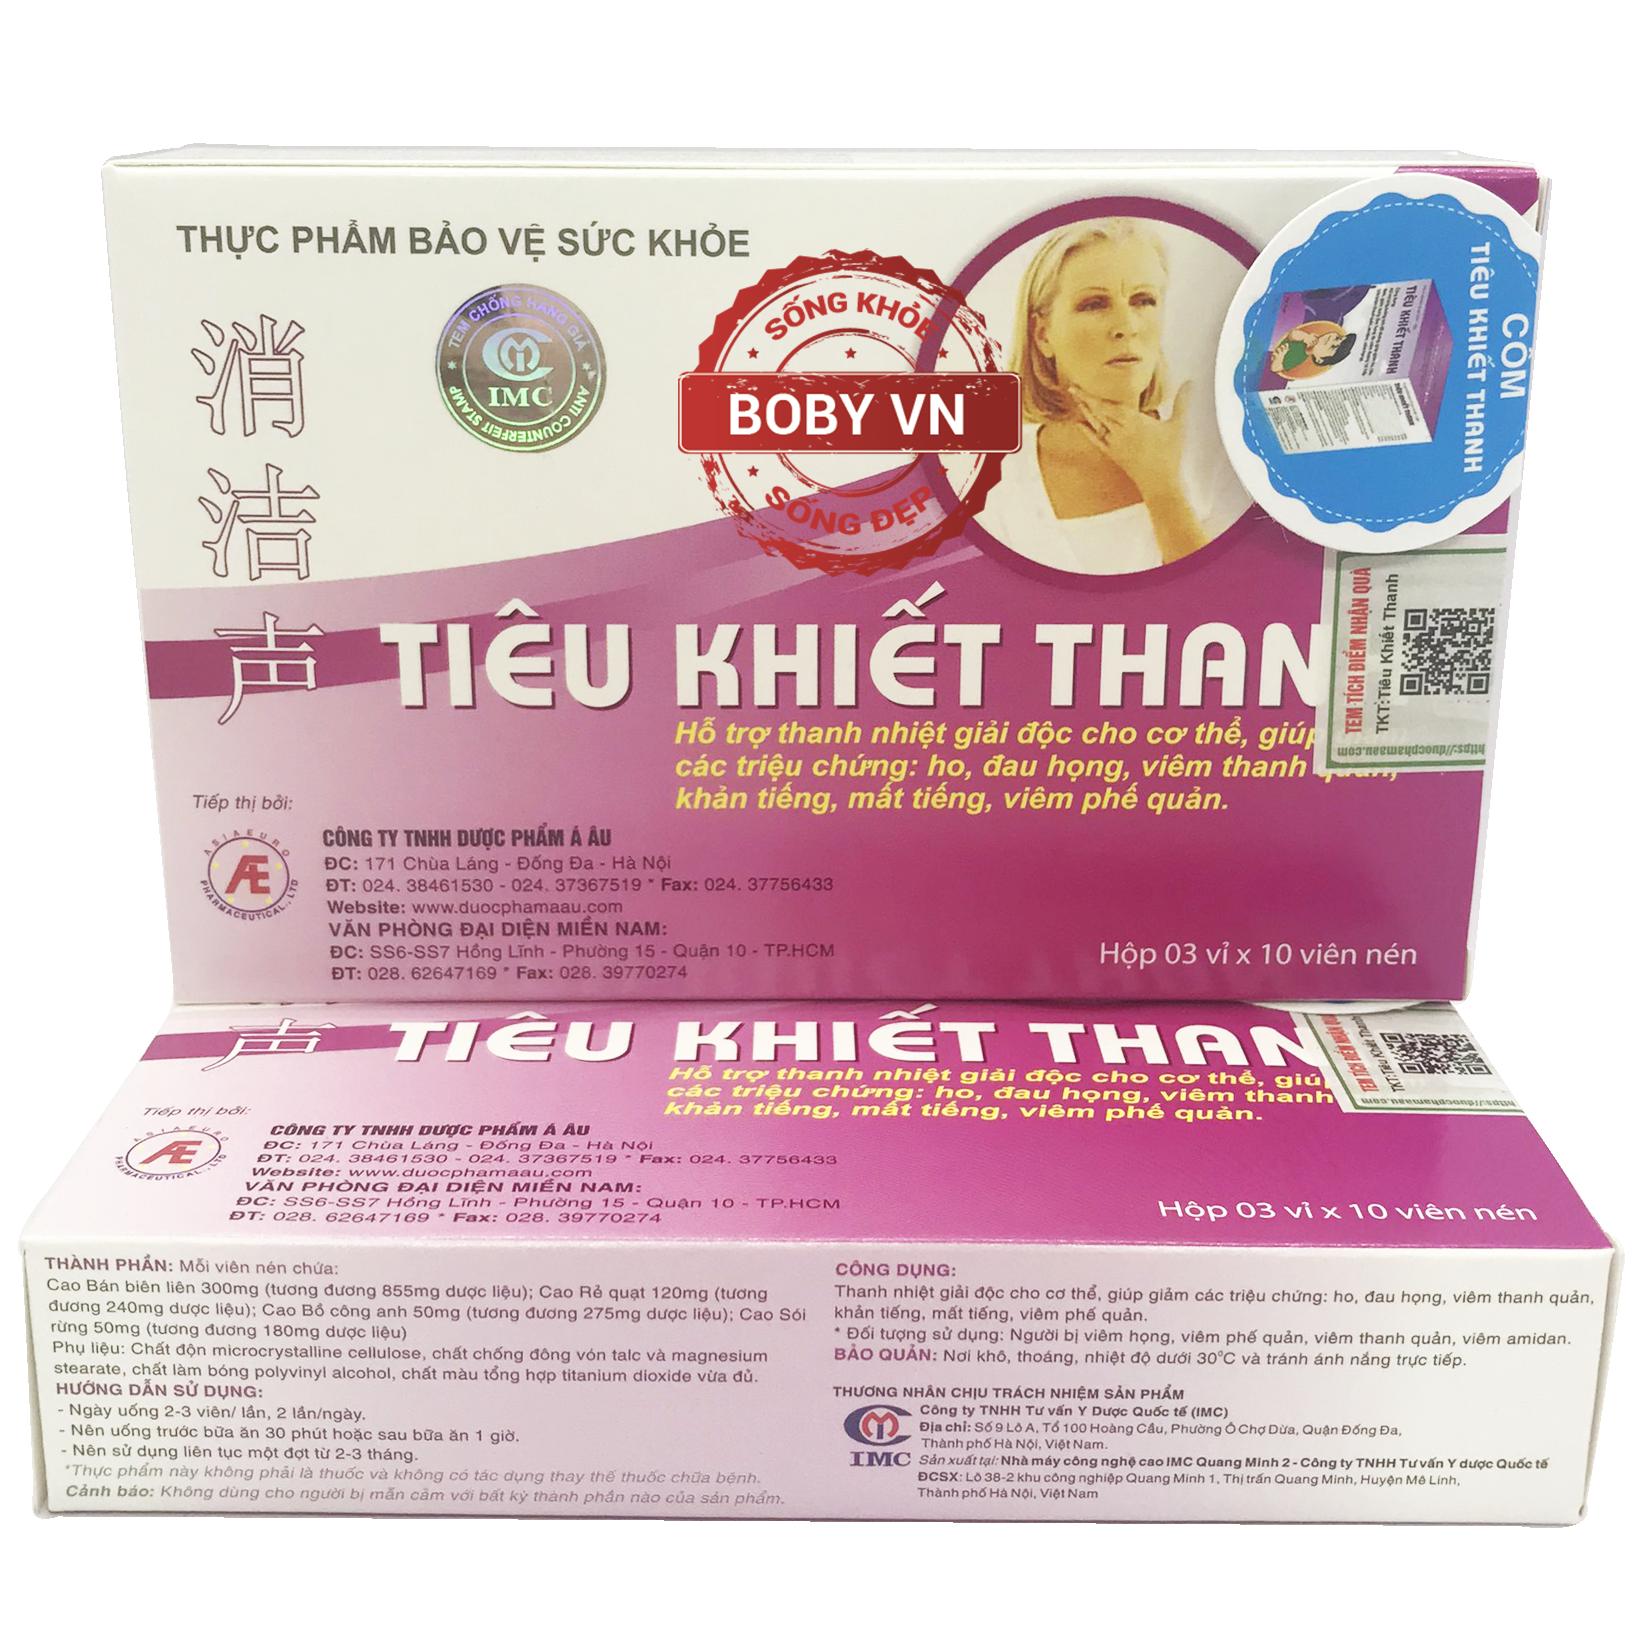 Tiêu khiết thanh thanh nhiệt giải độc cho cơ thể, giảm ho giảm đau họng